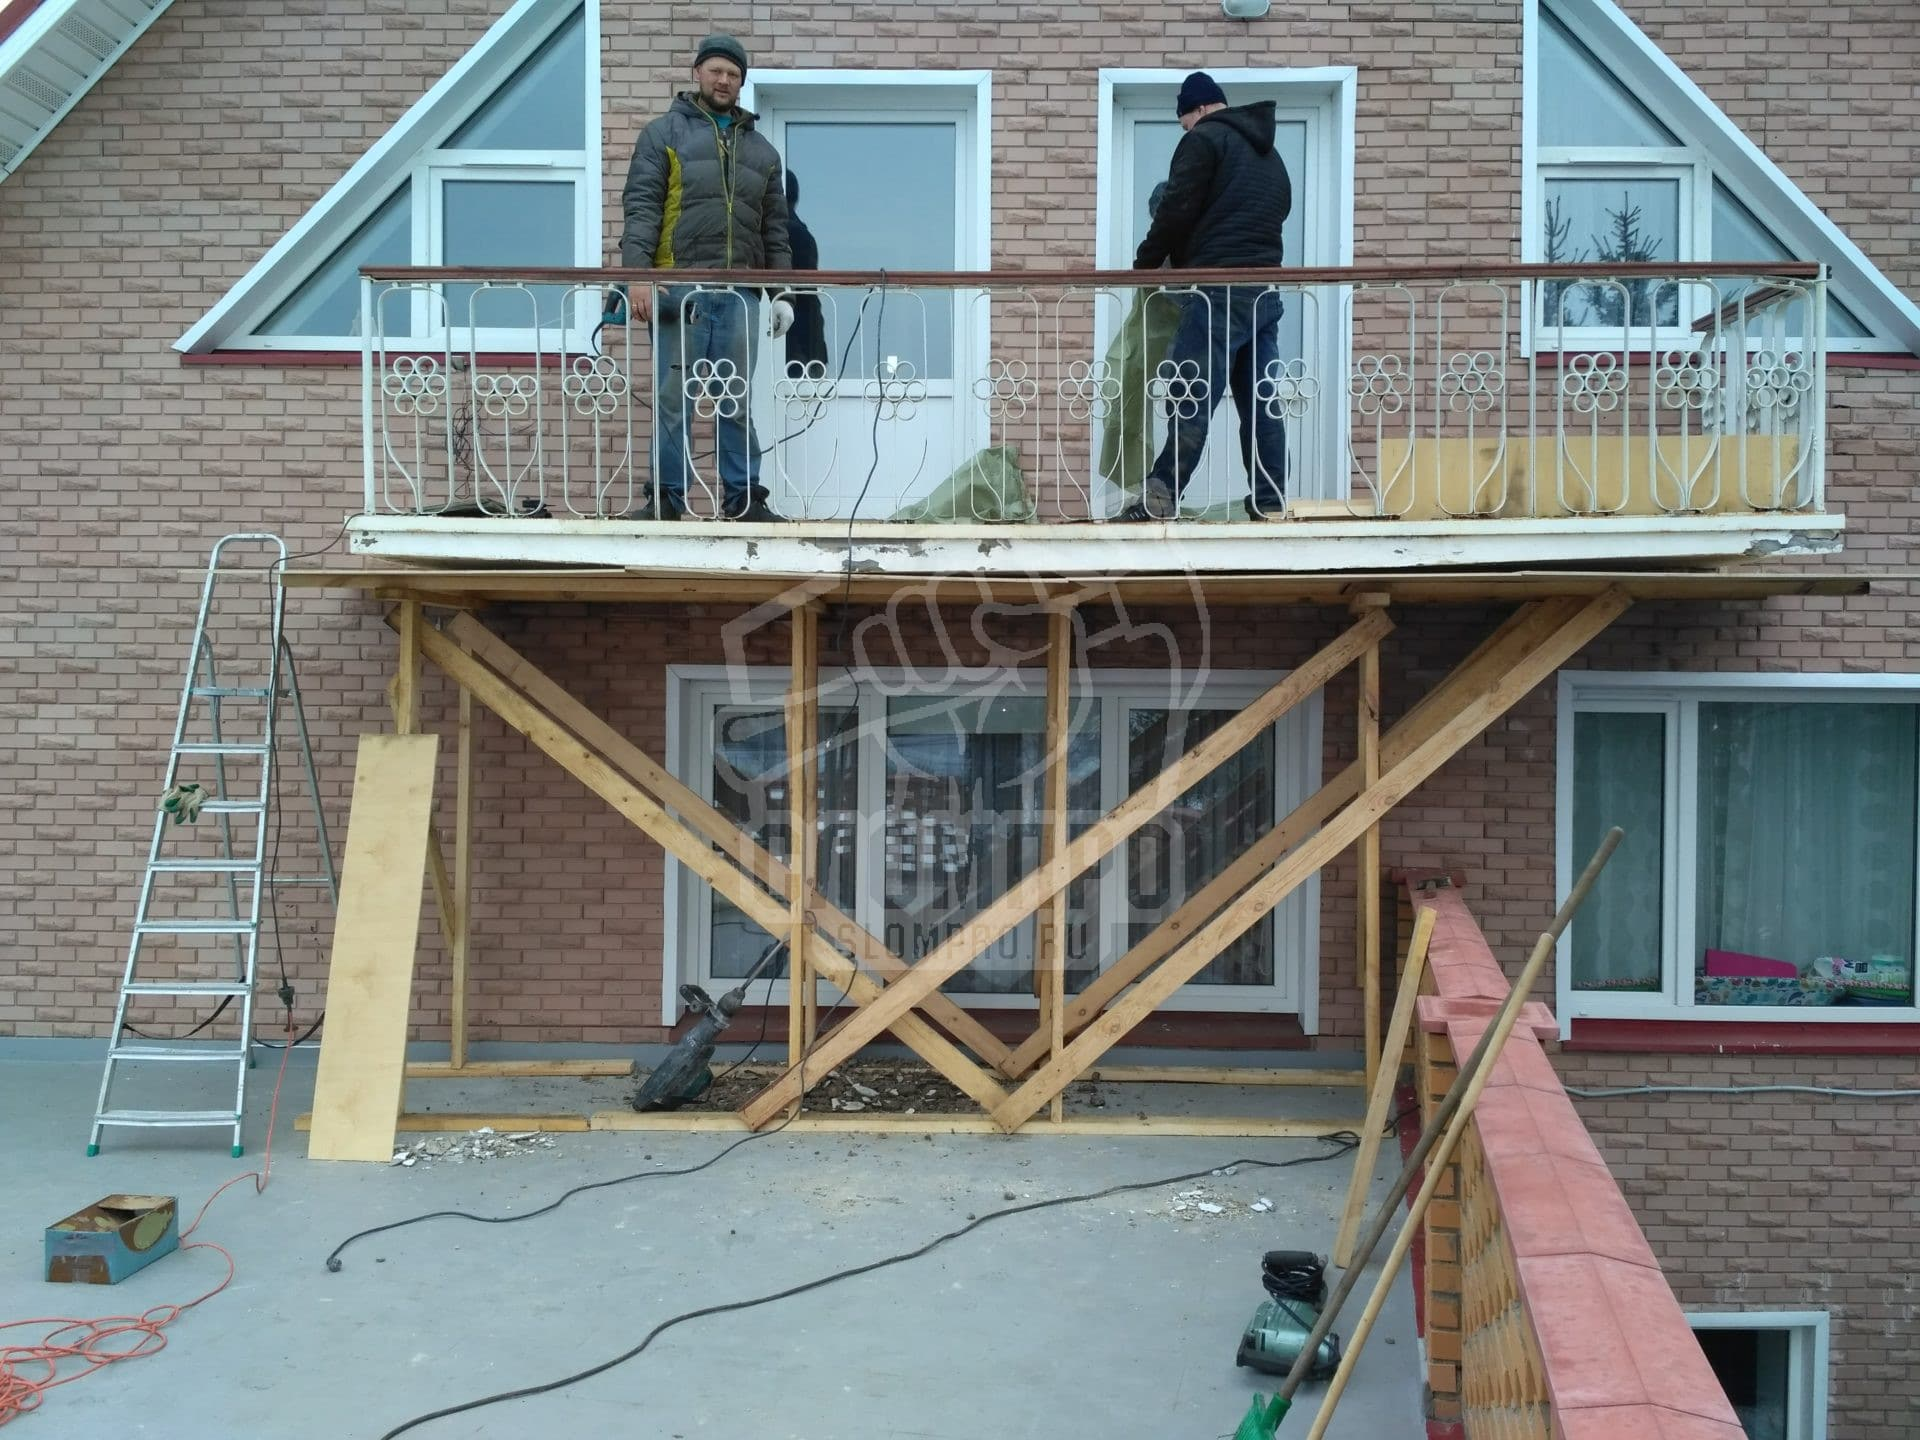 Установлено переопирание и защитный короб при демонтаже балкона